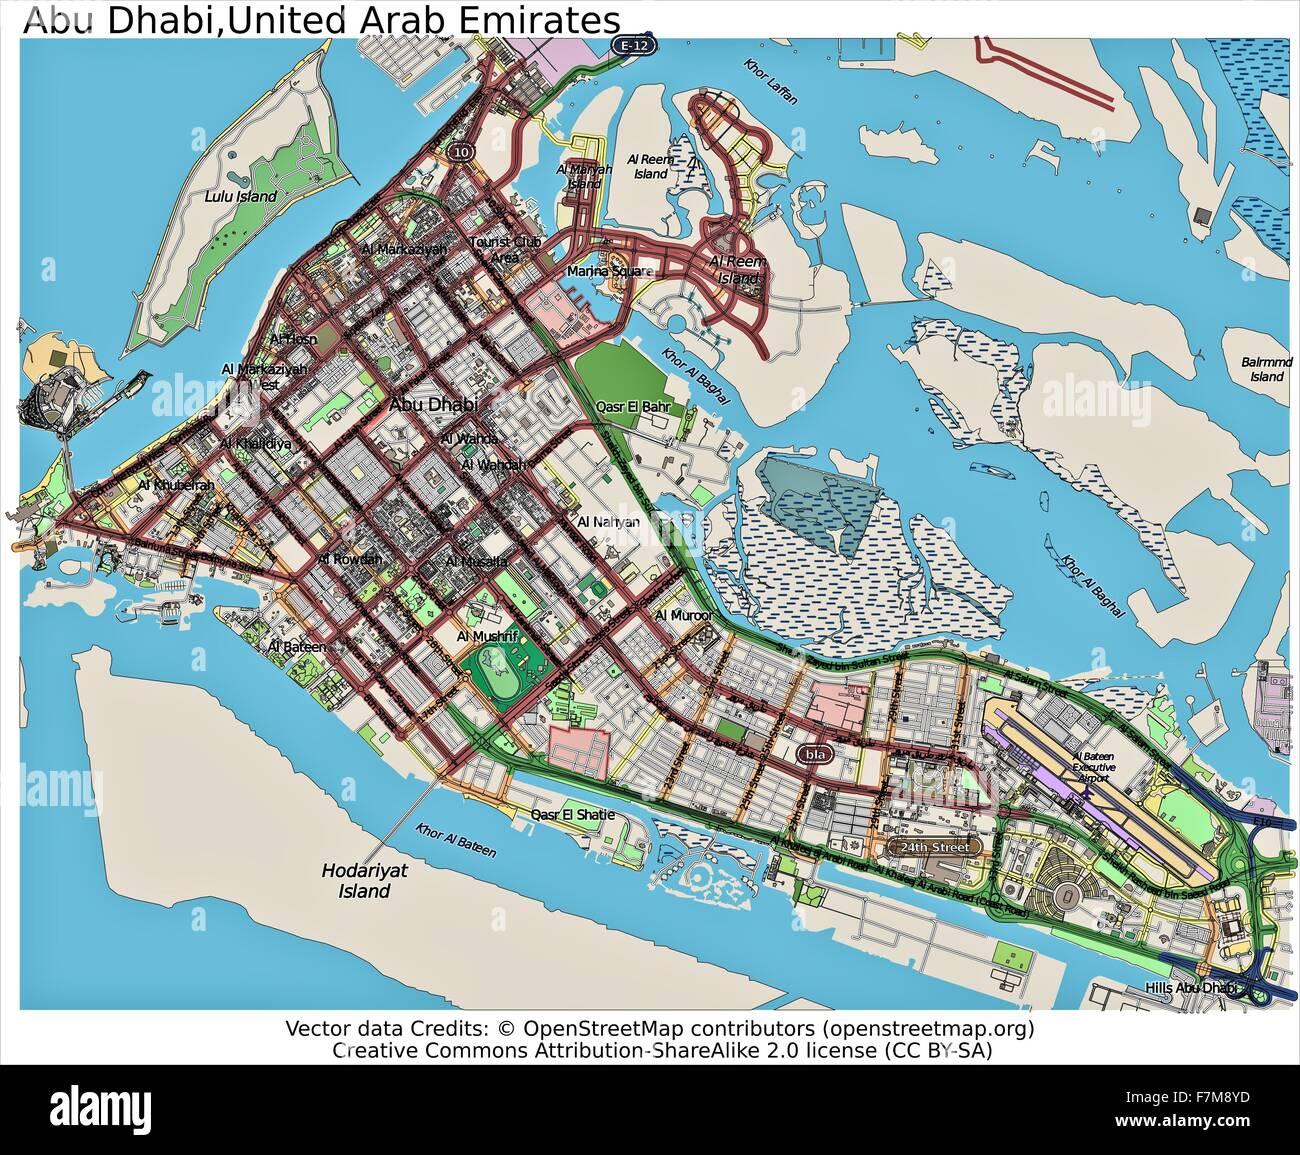 Abu Dhabi United Arab Emirates city map Stock Photo 90800513 Alamy